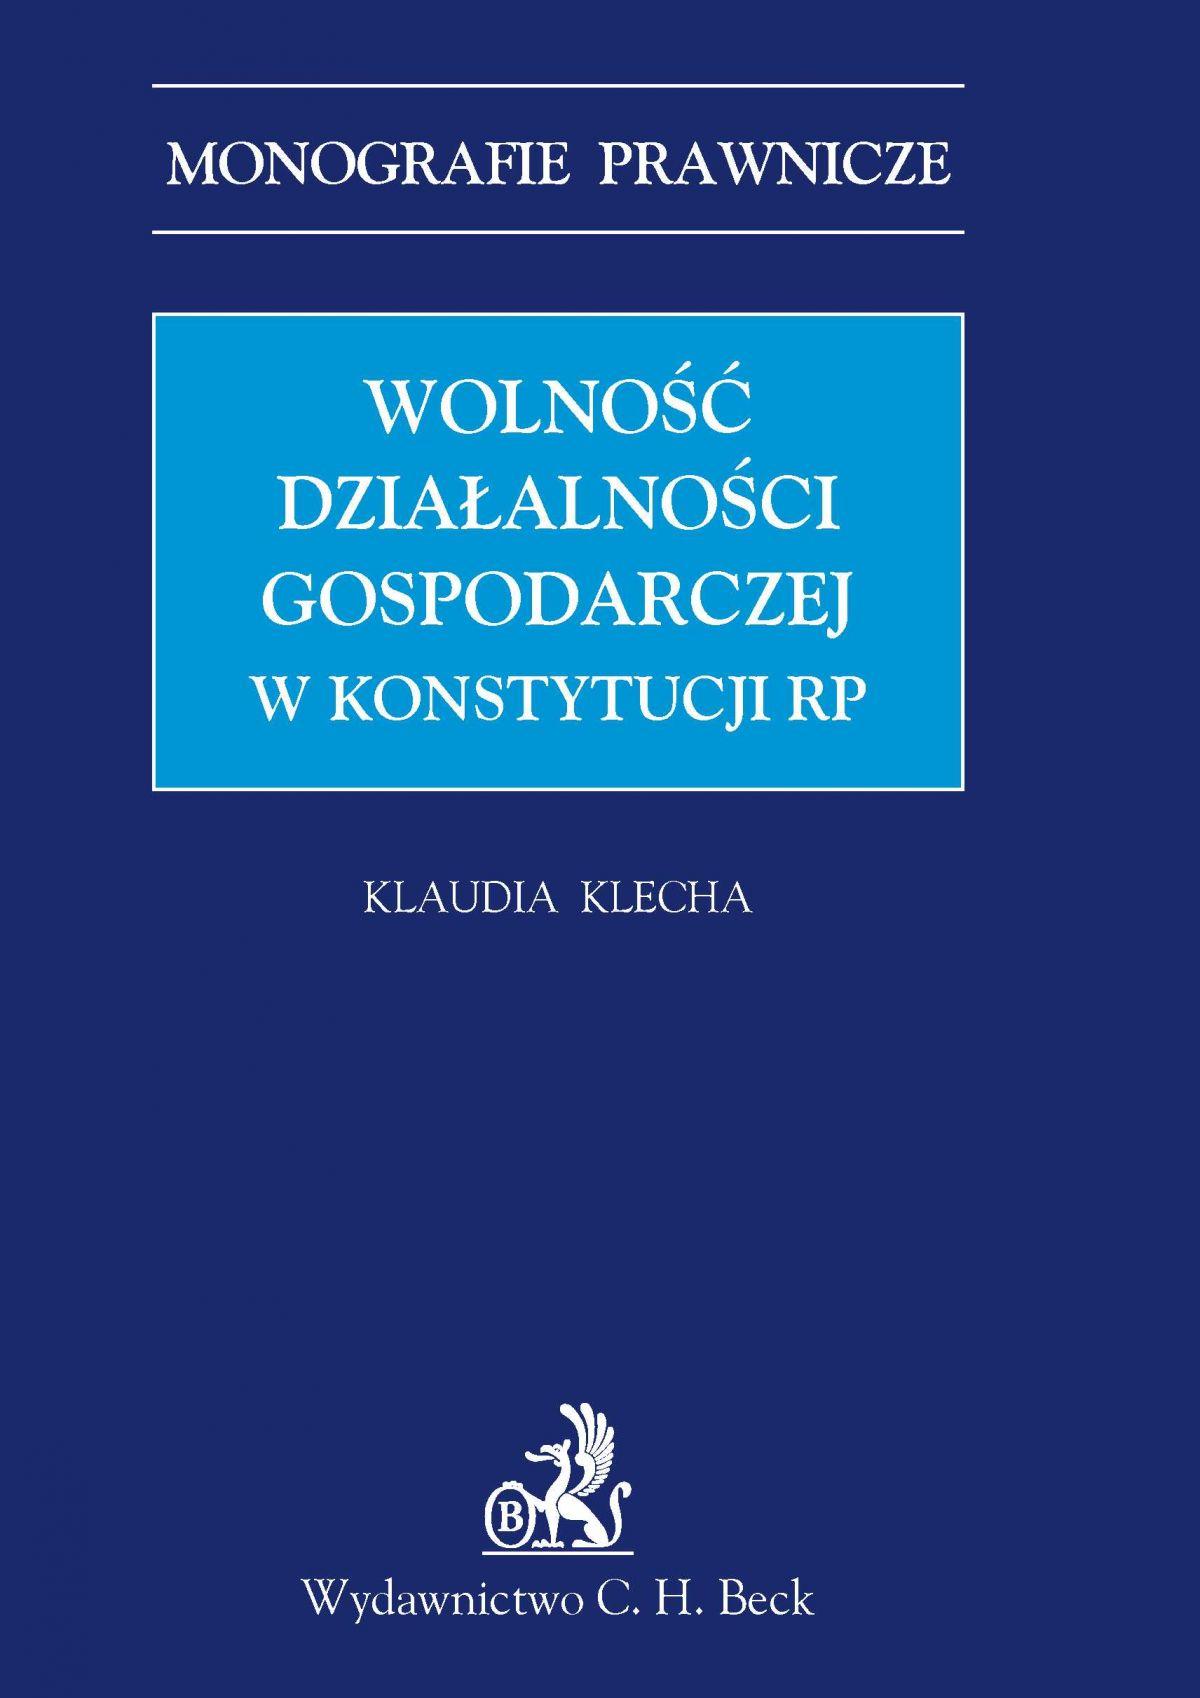 Wolność działalności gospodarczej w konstytucji RP - Ebook (Książka PDF) do pobrania w formacie PDF